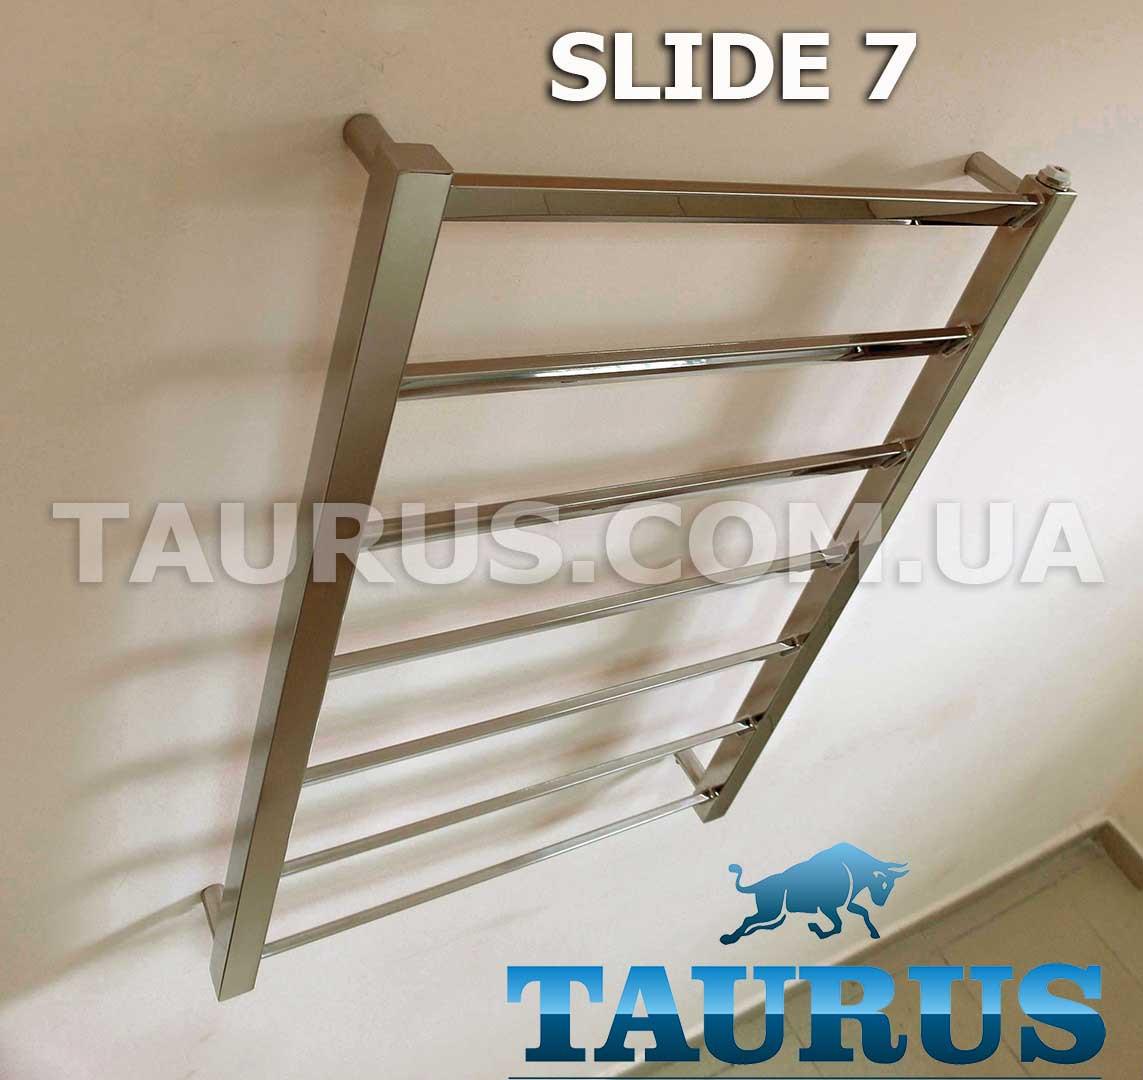 Нержавеющий полотенцесушитель Slide 7/450 мм. с плоской перемычкой под углом 30. Современный дизайн